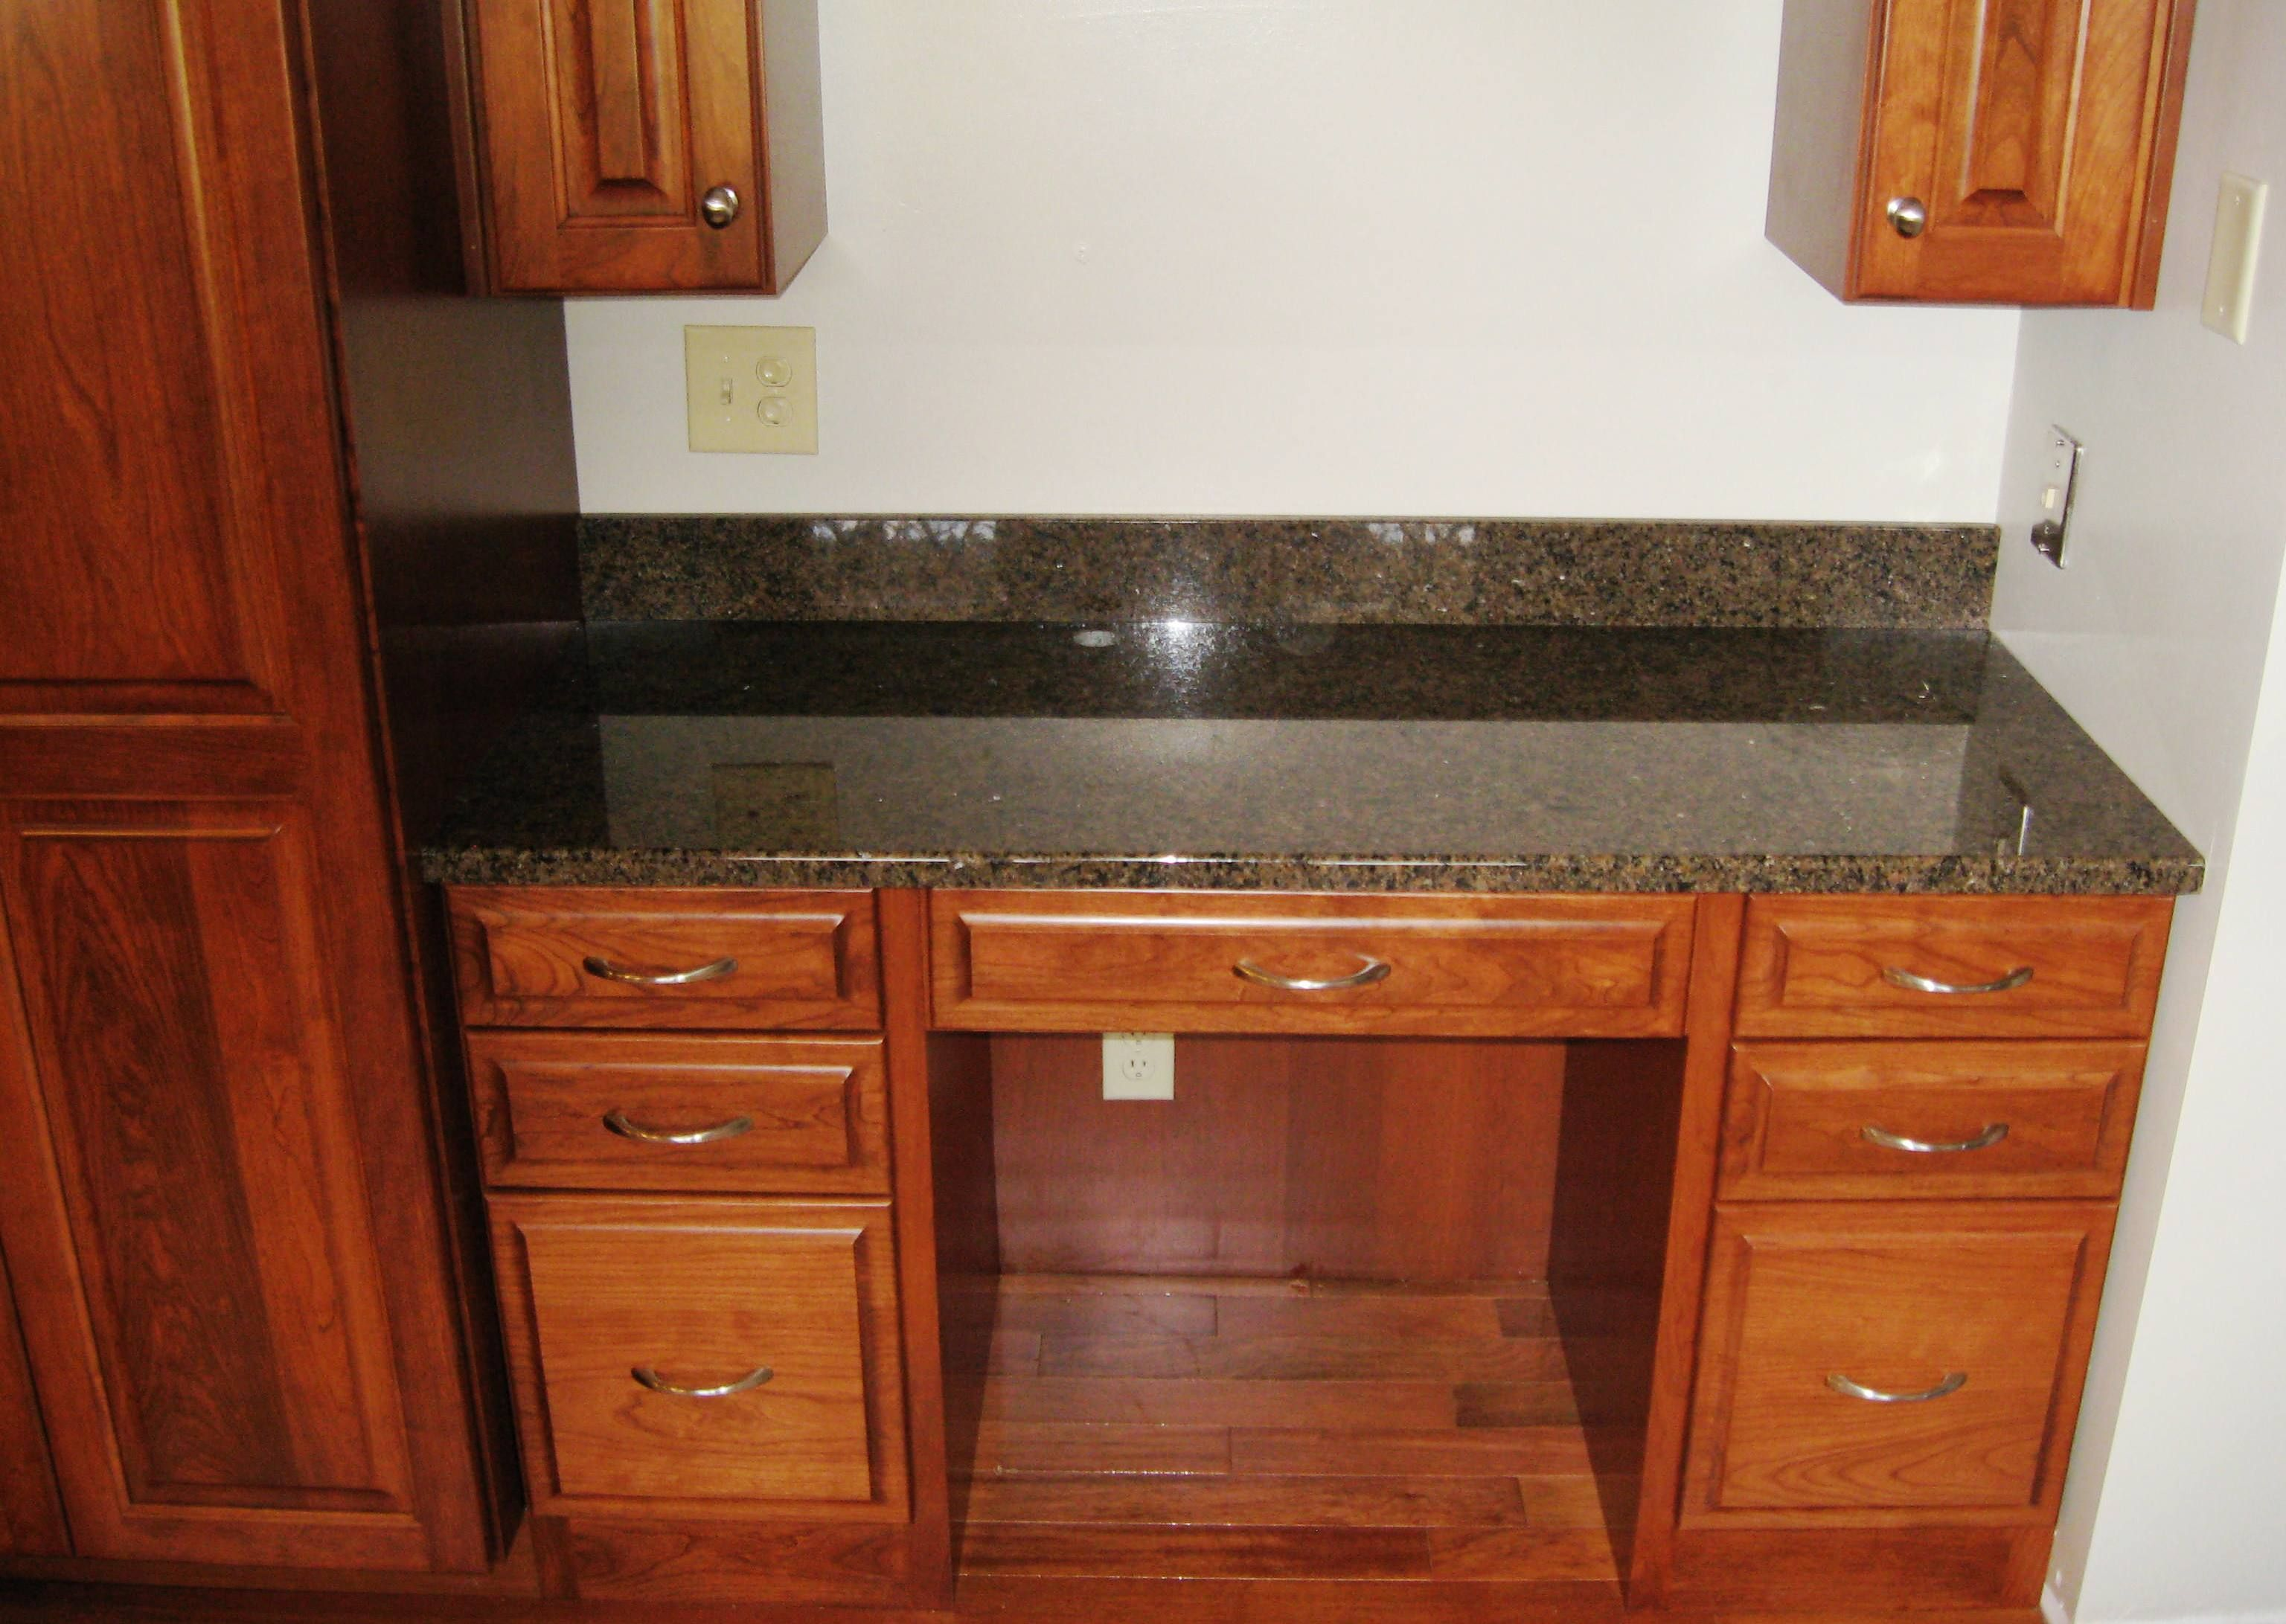 Granite Top For Built In Desk Area Lightner Granite Marble Inc Built In Desk Desk Areas Home